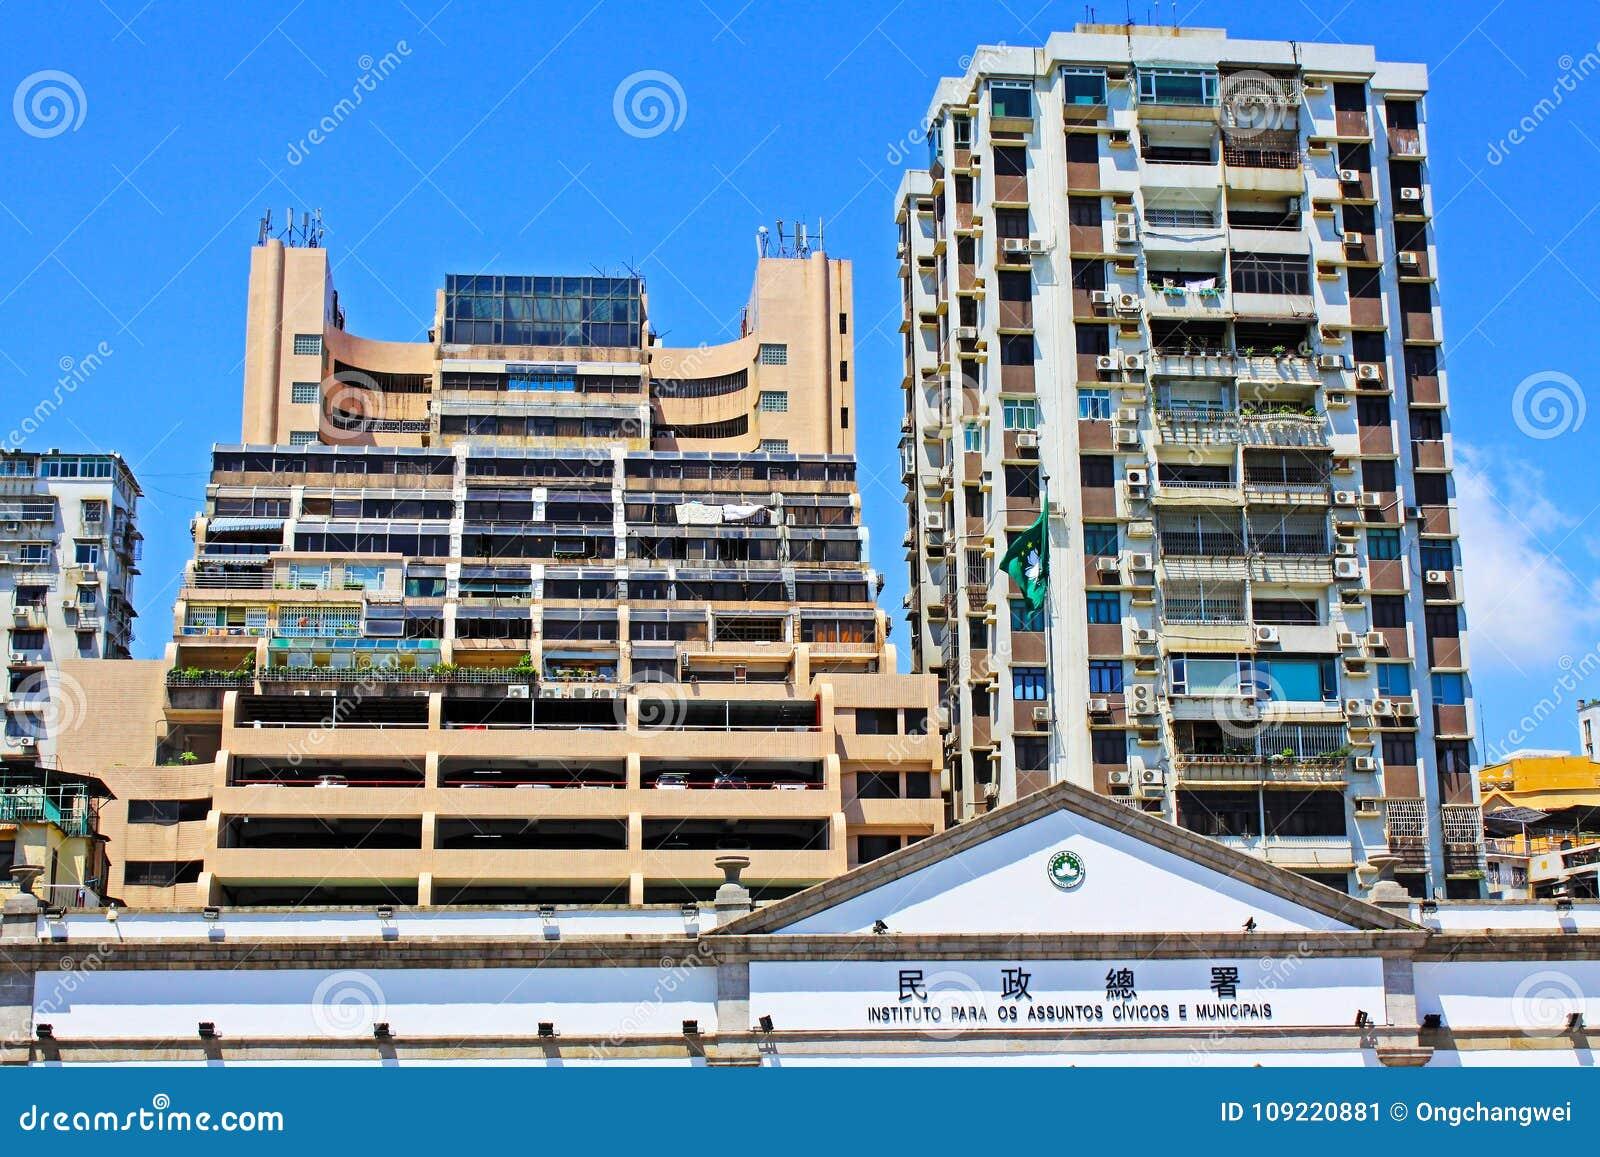 Asuntos cívicos y municipales oficina, Macao, China